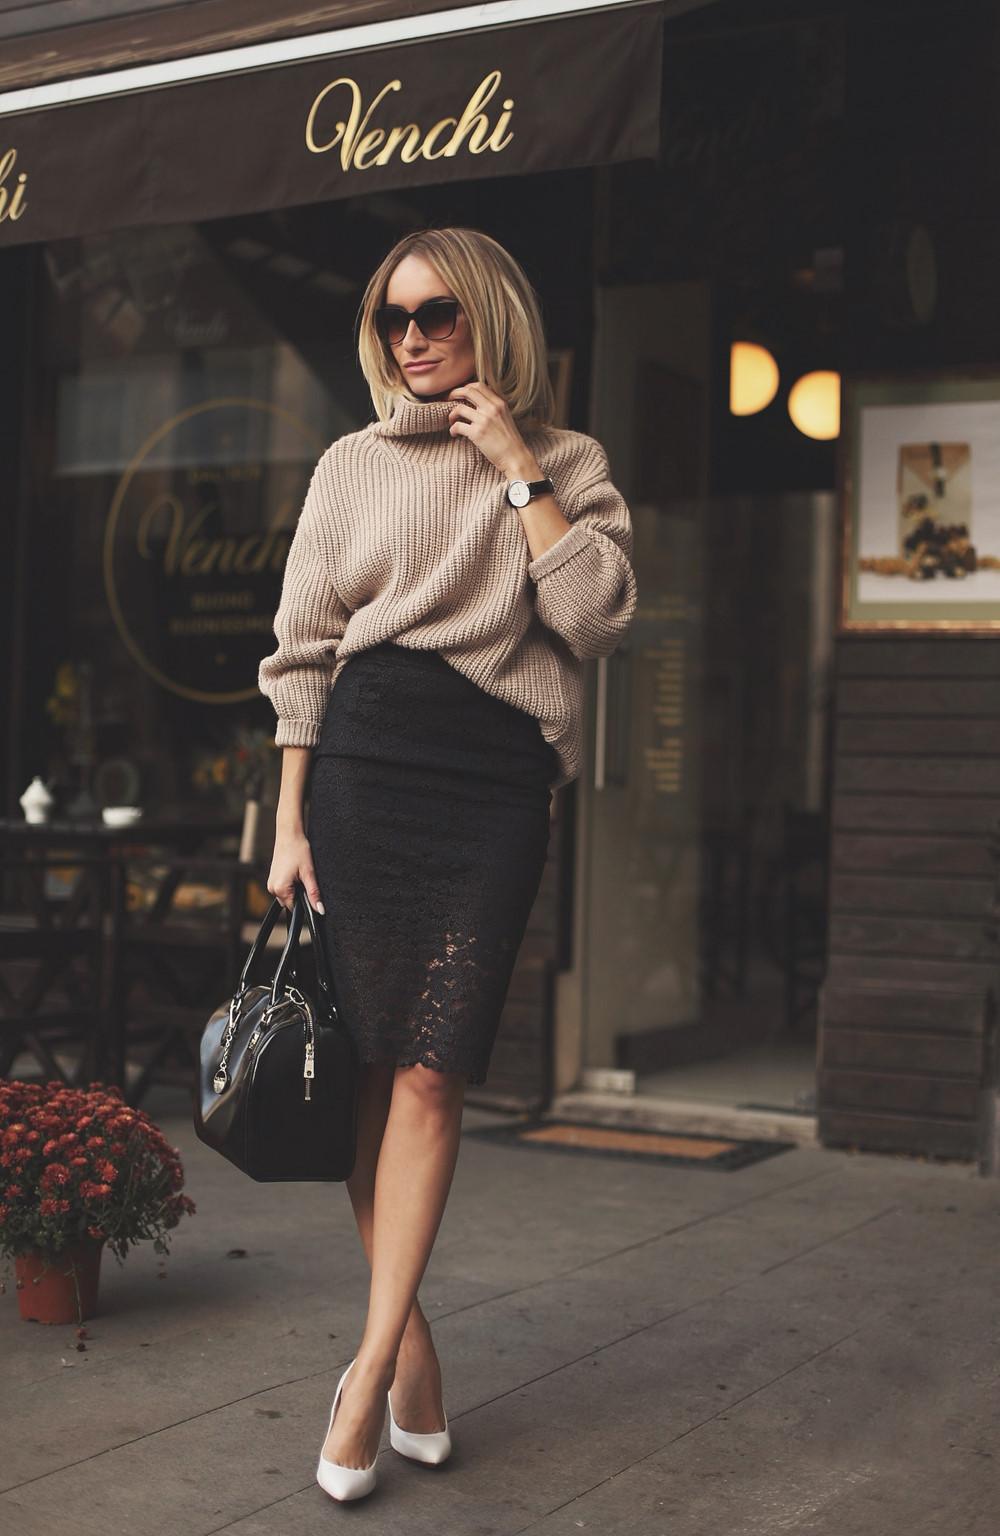 chân váy bút chì, mẫu chân váy bút chì, mặc đẹp với chân váy bút chì